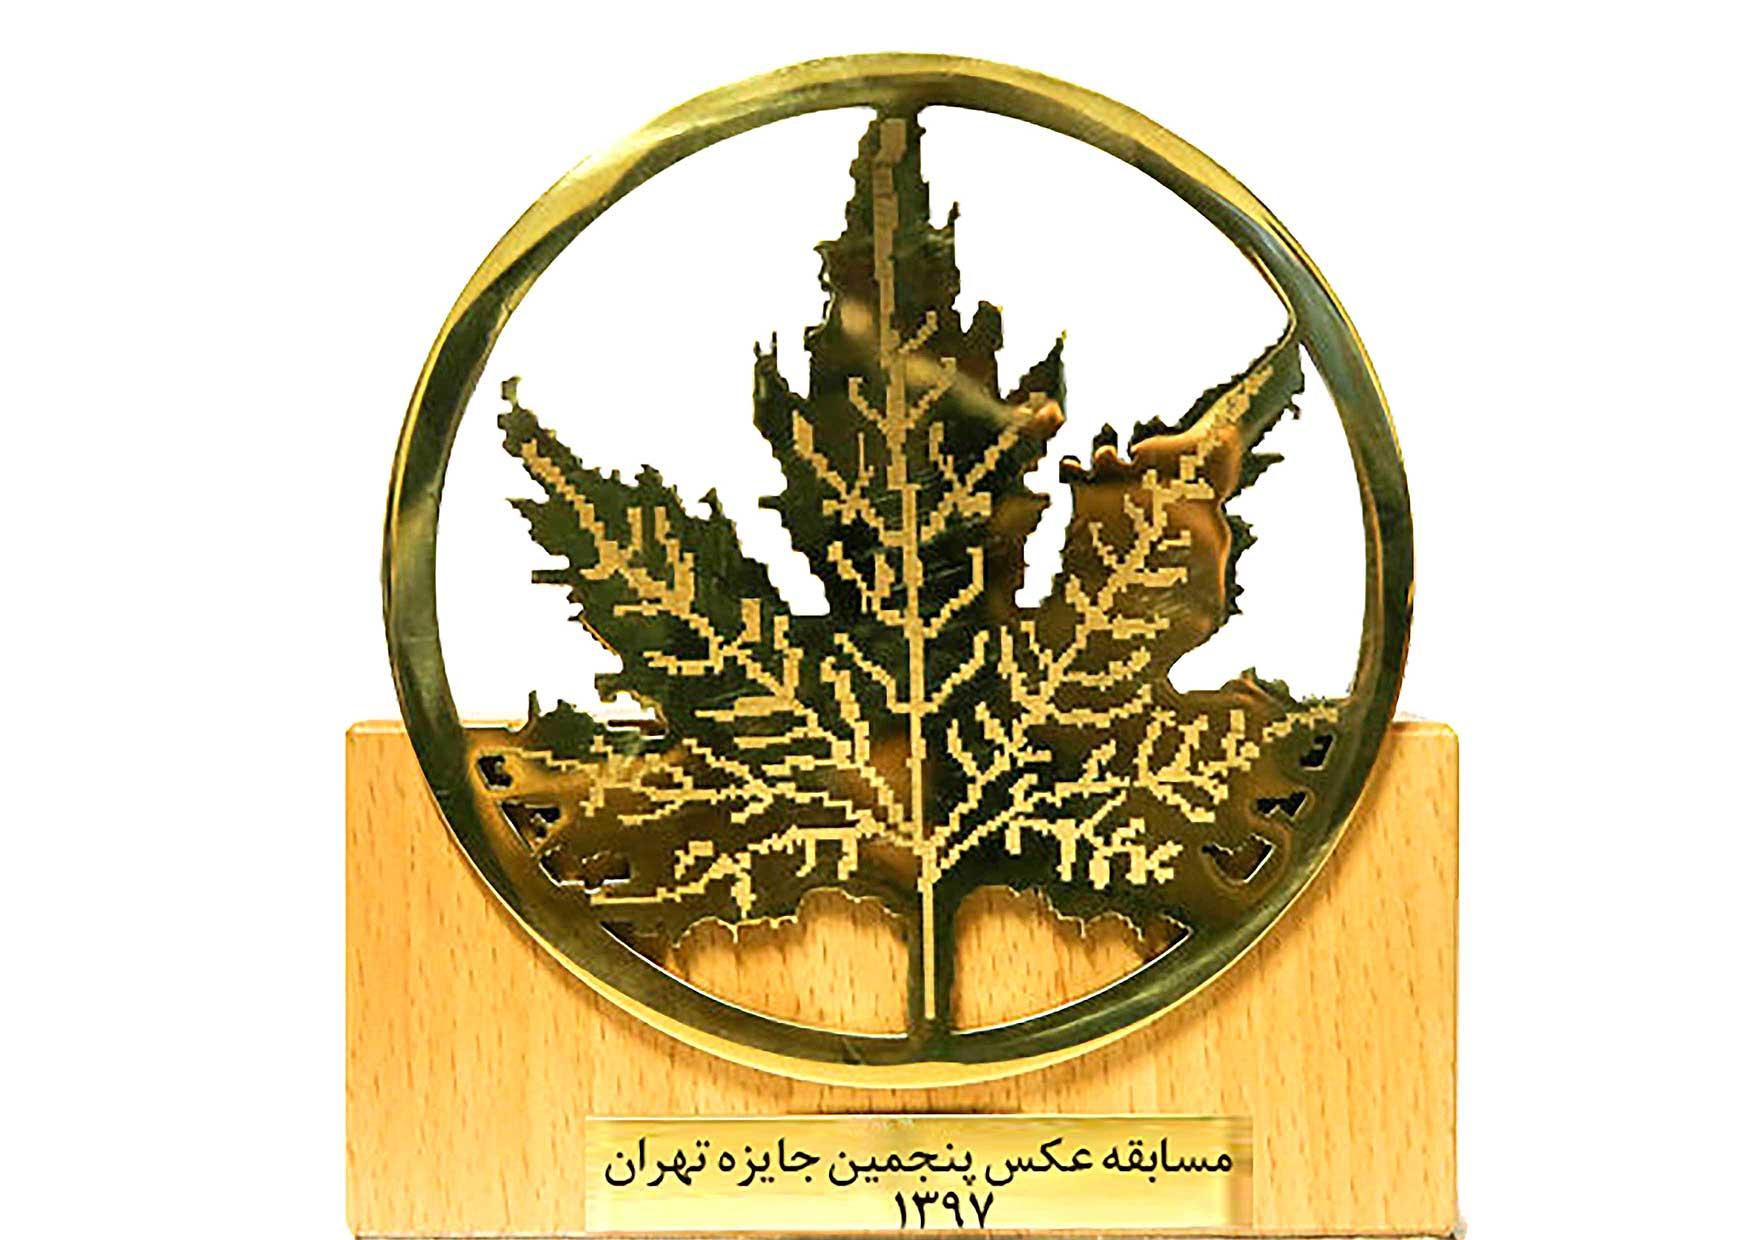 جایزه تهران